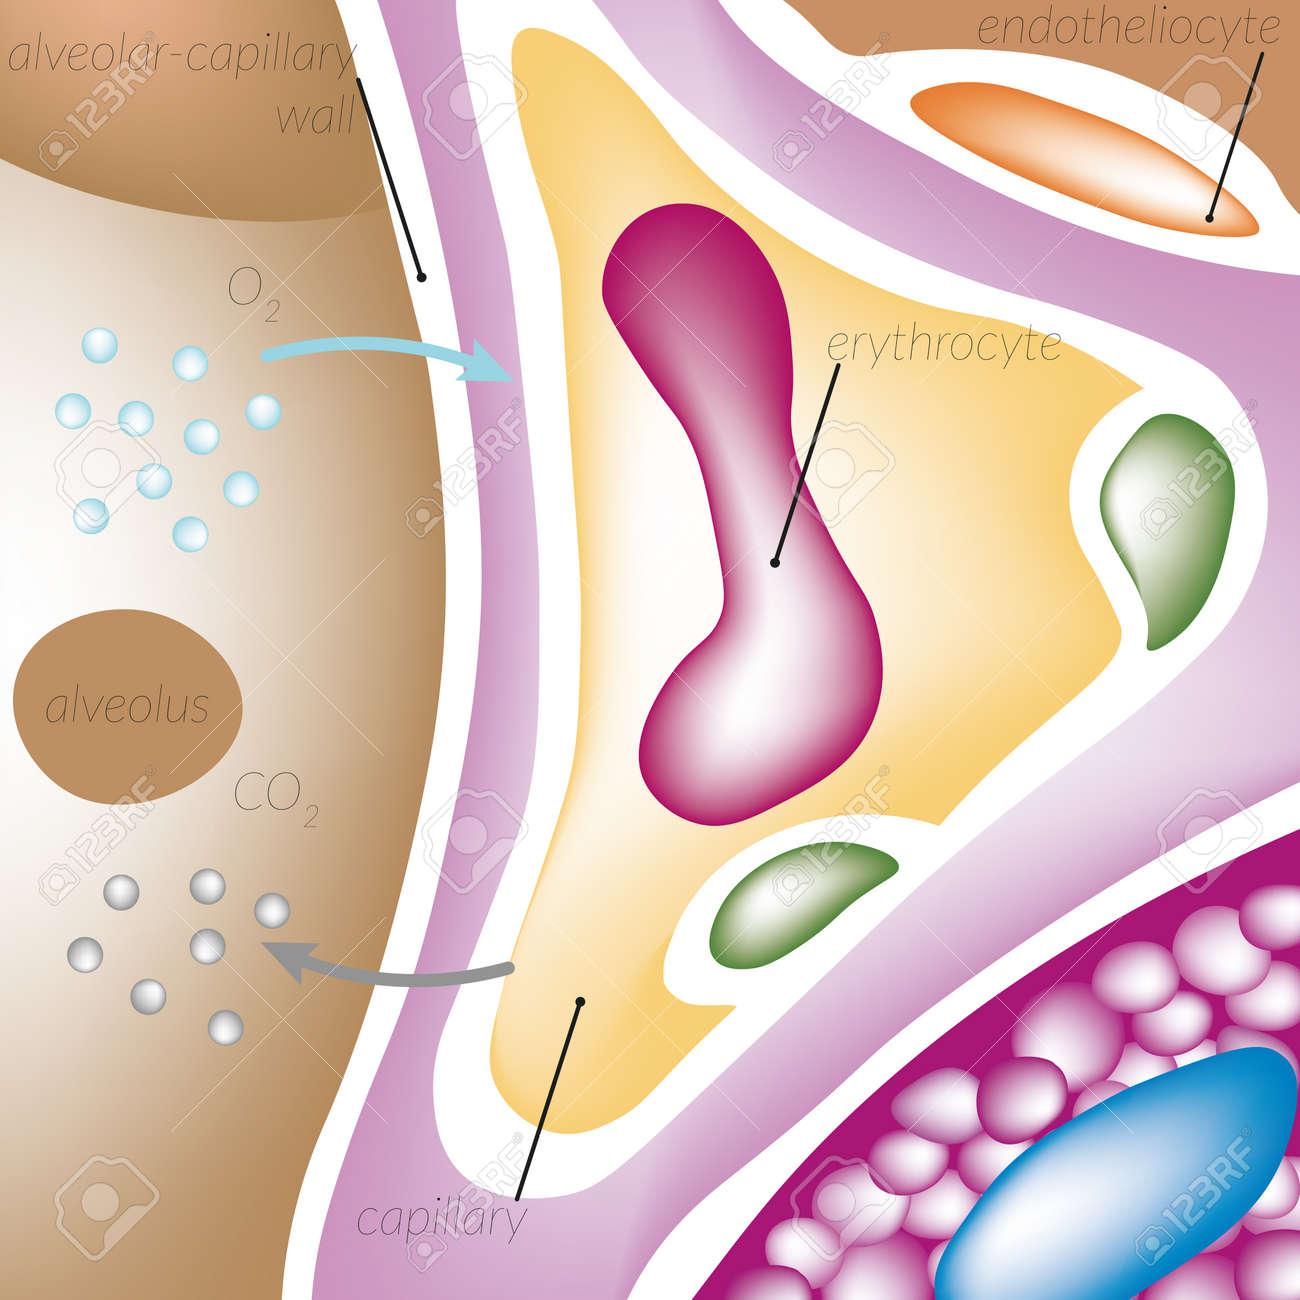 Großzügig Kapillar Fotos - Anatomie Und Physiologie Knochen Bilder ...